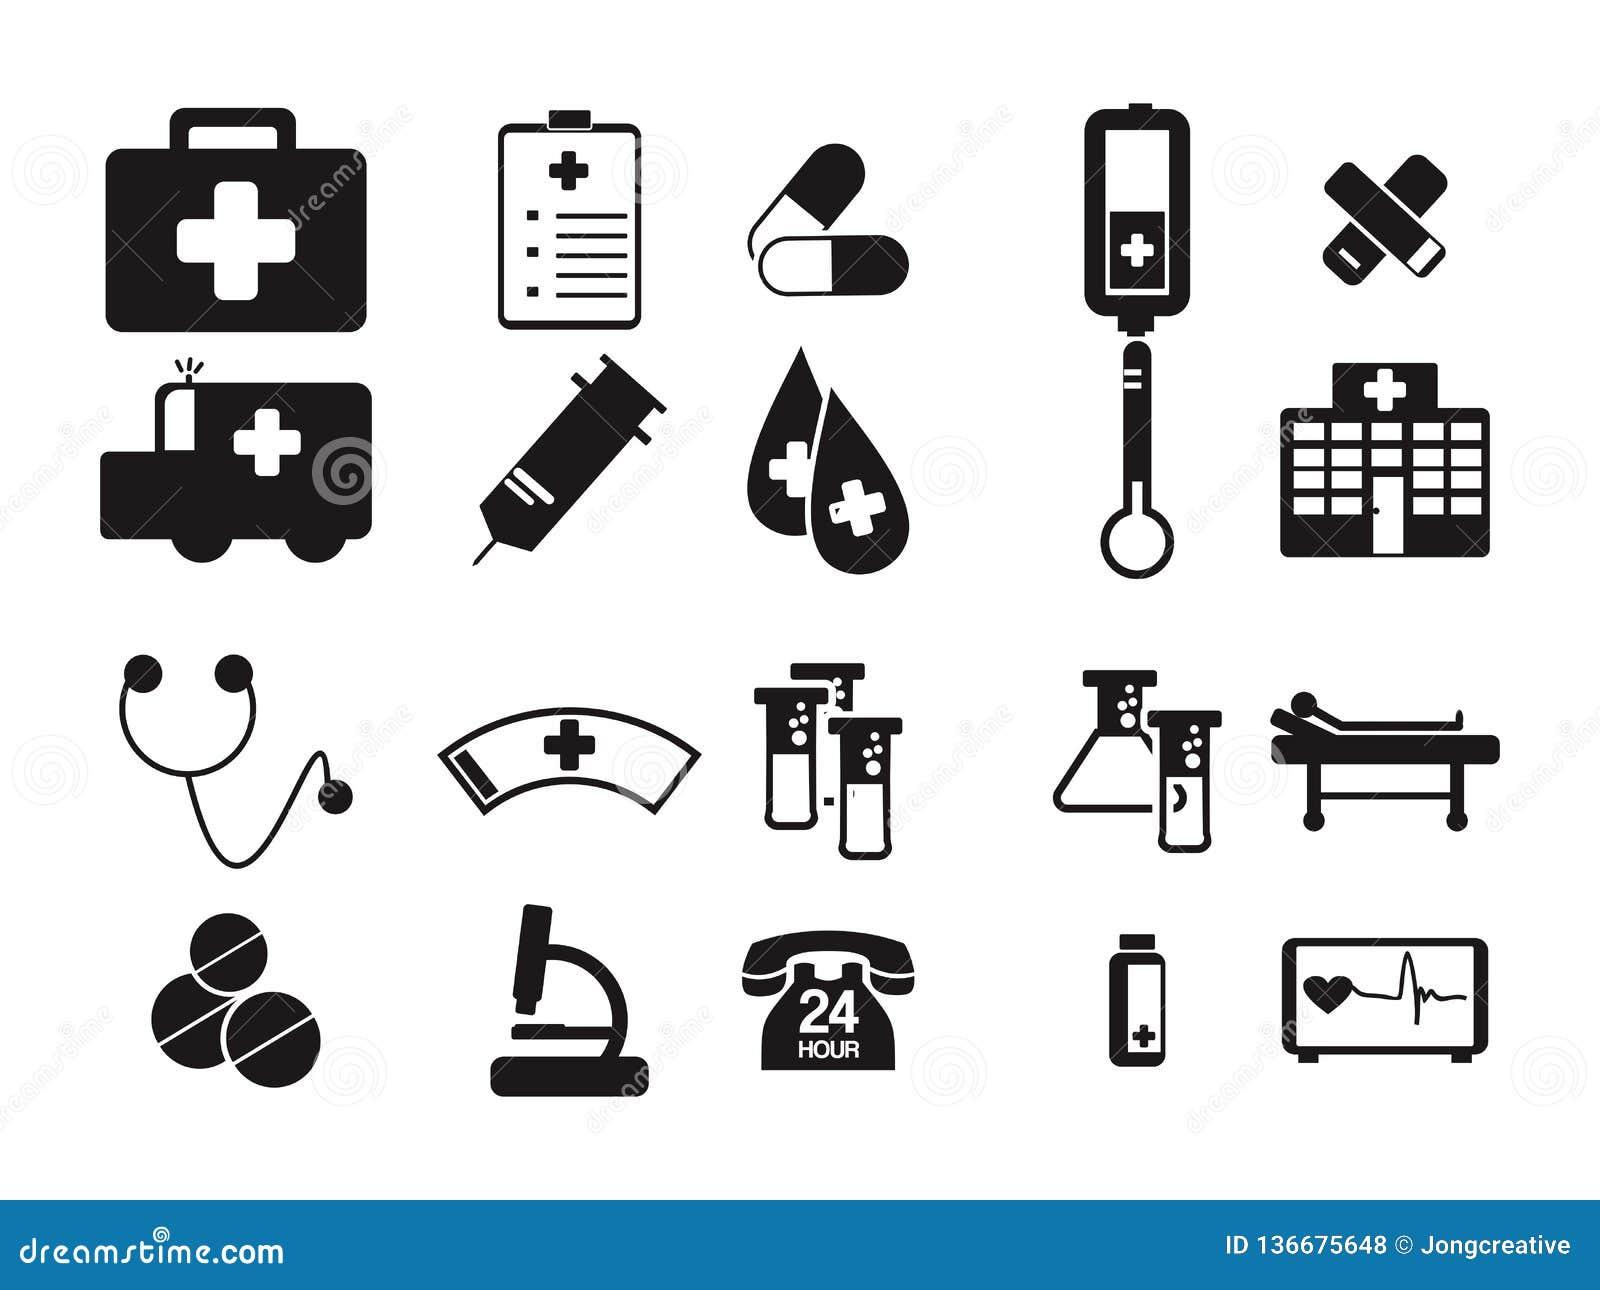 Símbolo del icono del negro de la herramienta del doctor Medical Hospital Equipment